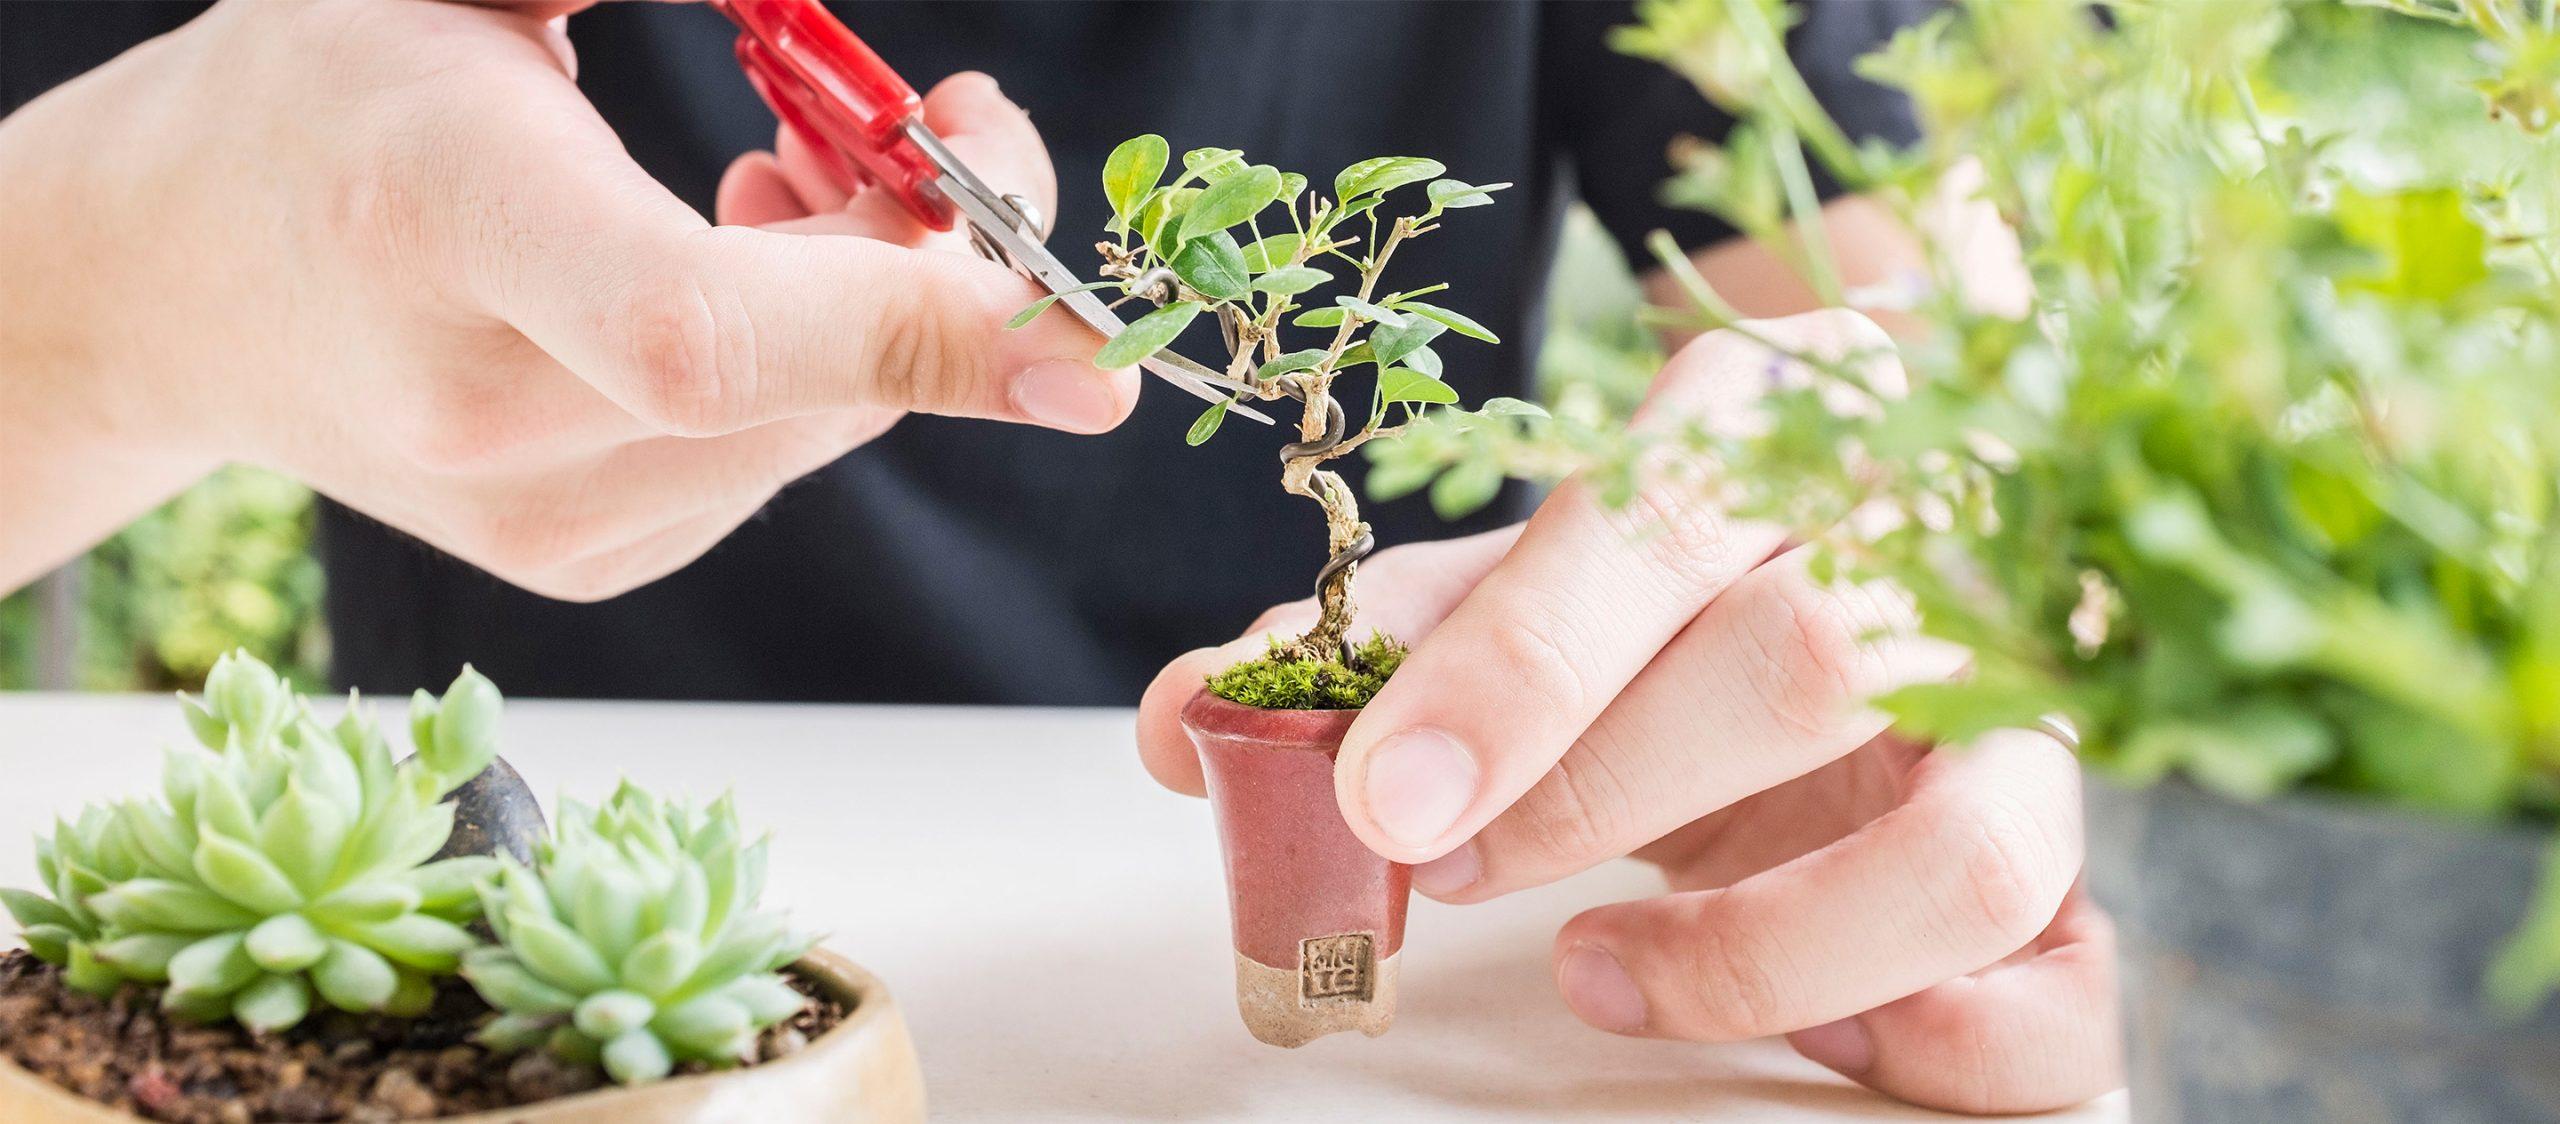 miNATURE_c ต้นไม้สายย่อ : ต้นไม้จิ๋วของนักทดลองสายเขียวที่ท้าทายว่าใครๆ ก็ปลูกต้นไม้ได้